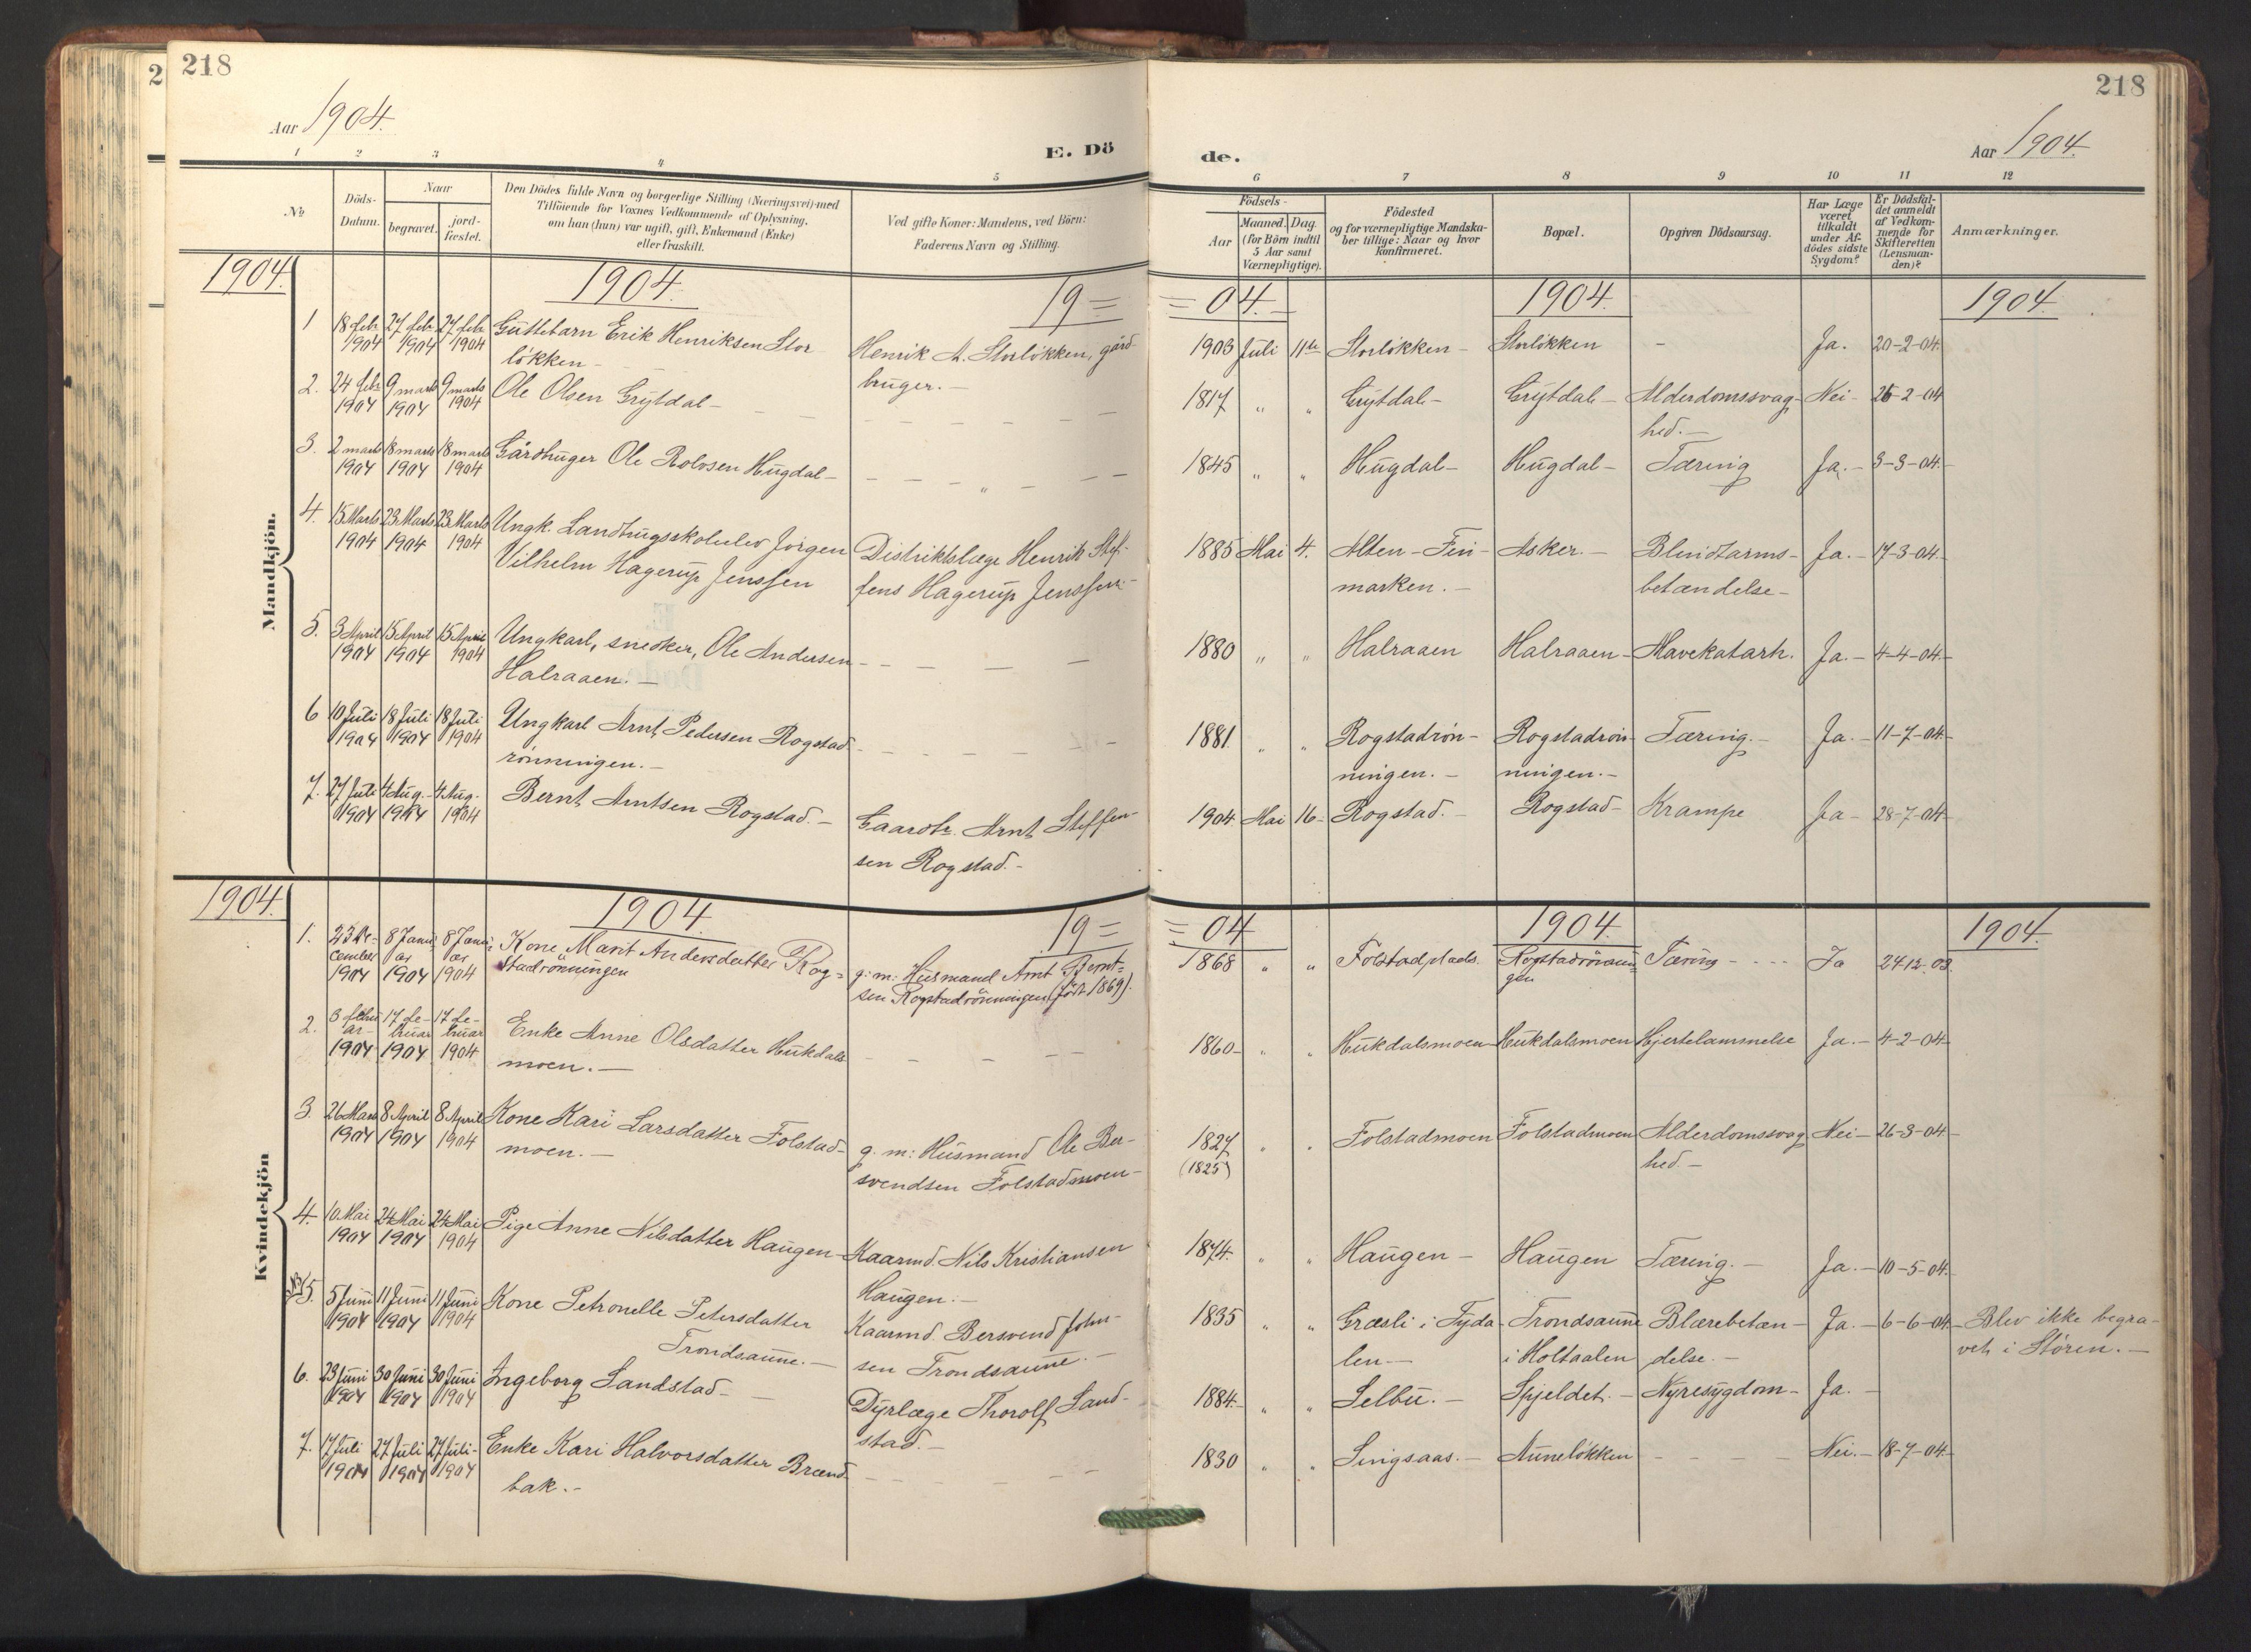 SAT, Ministerialprotokoller, klokkerbøker og fødselsregistre - Sør-Trøndelag, 687/L1019: Klokkerbok nr. 687C03, 1904-1931, s. 218